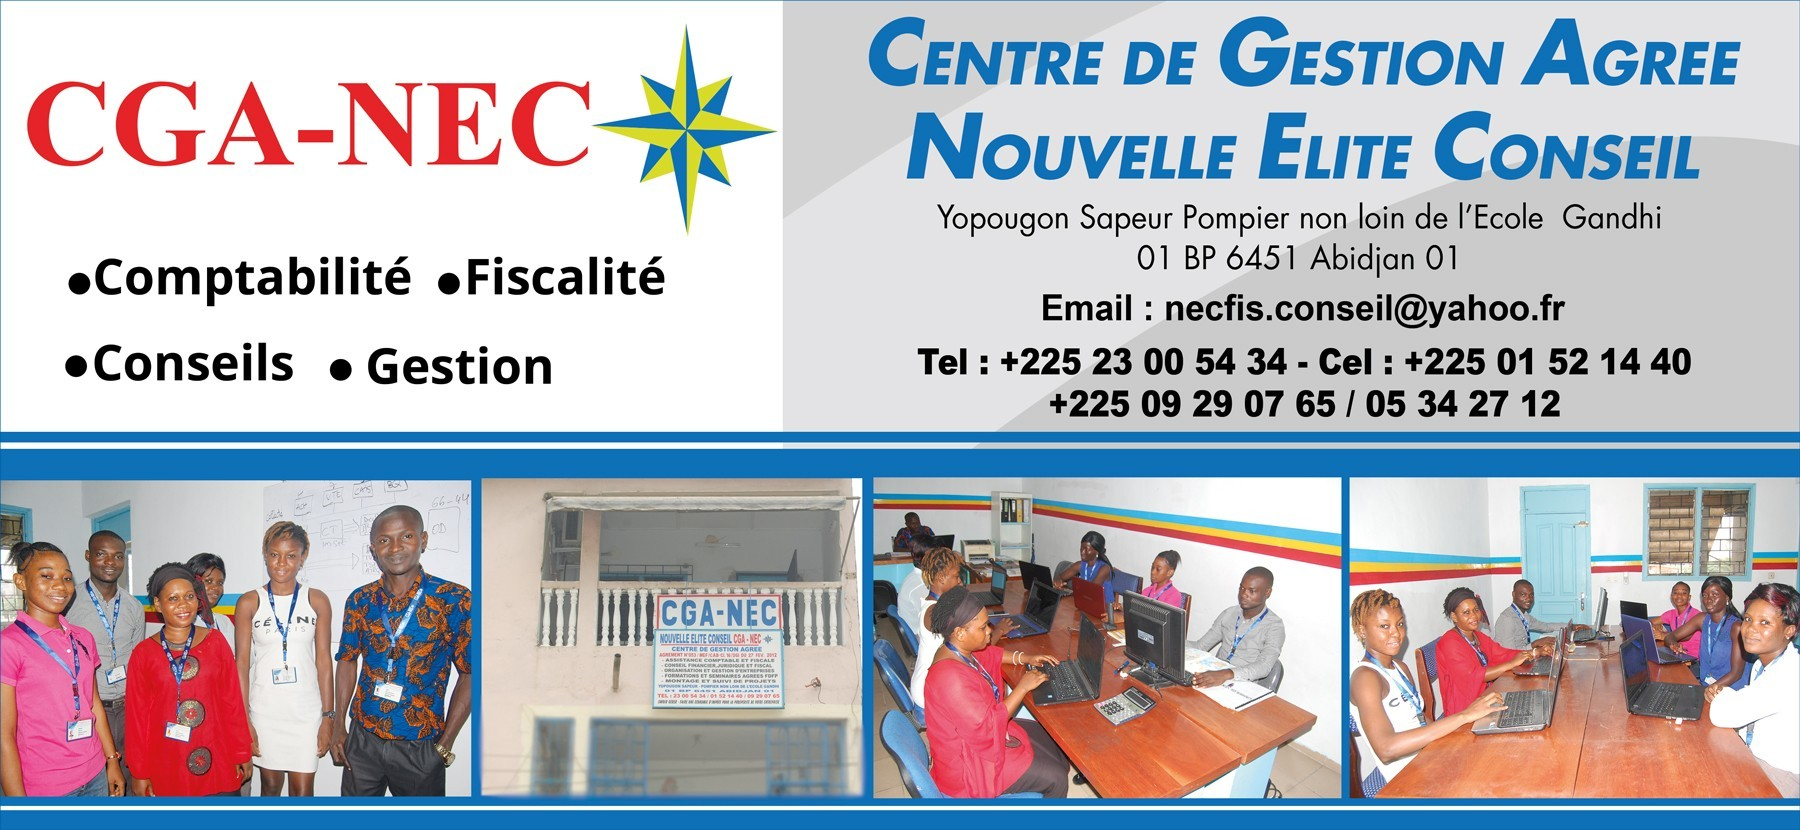 Cga nec centre de gestion agree nouvelle elite conseil expertise comptable - Cabinet d expertise comptable au benin ...